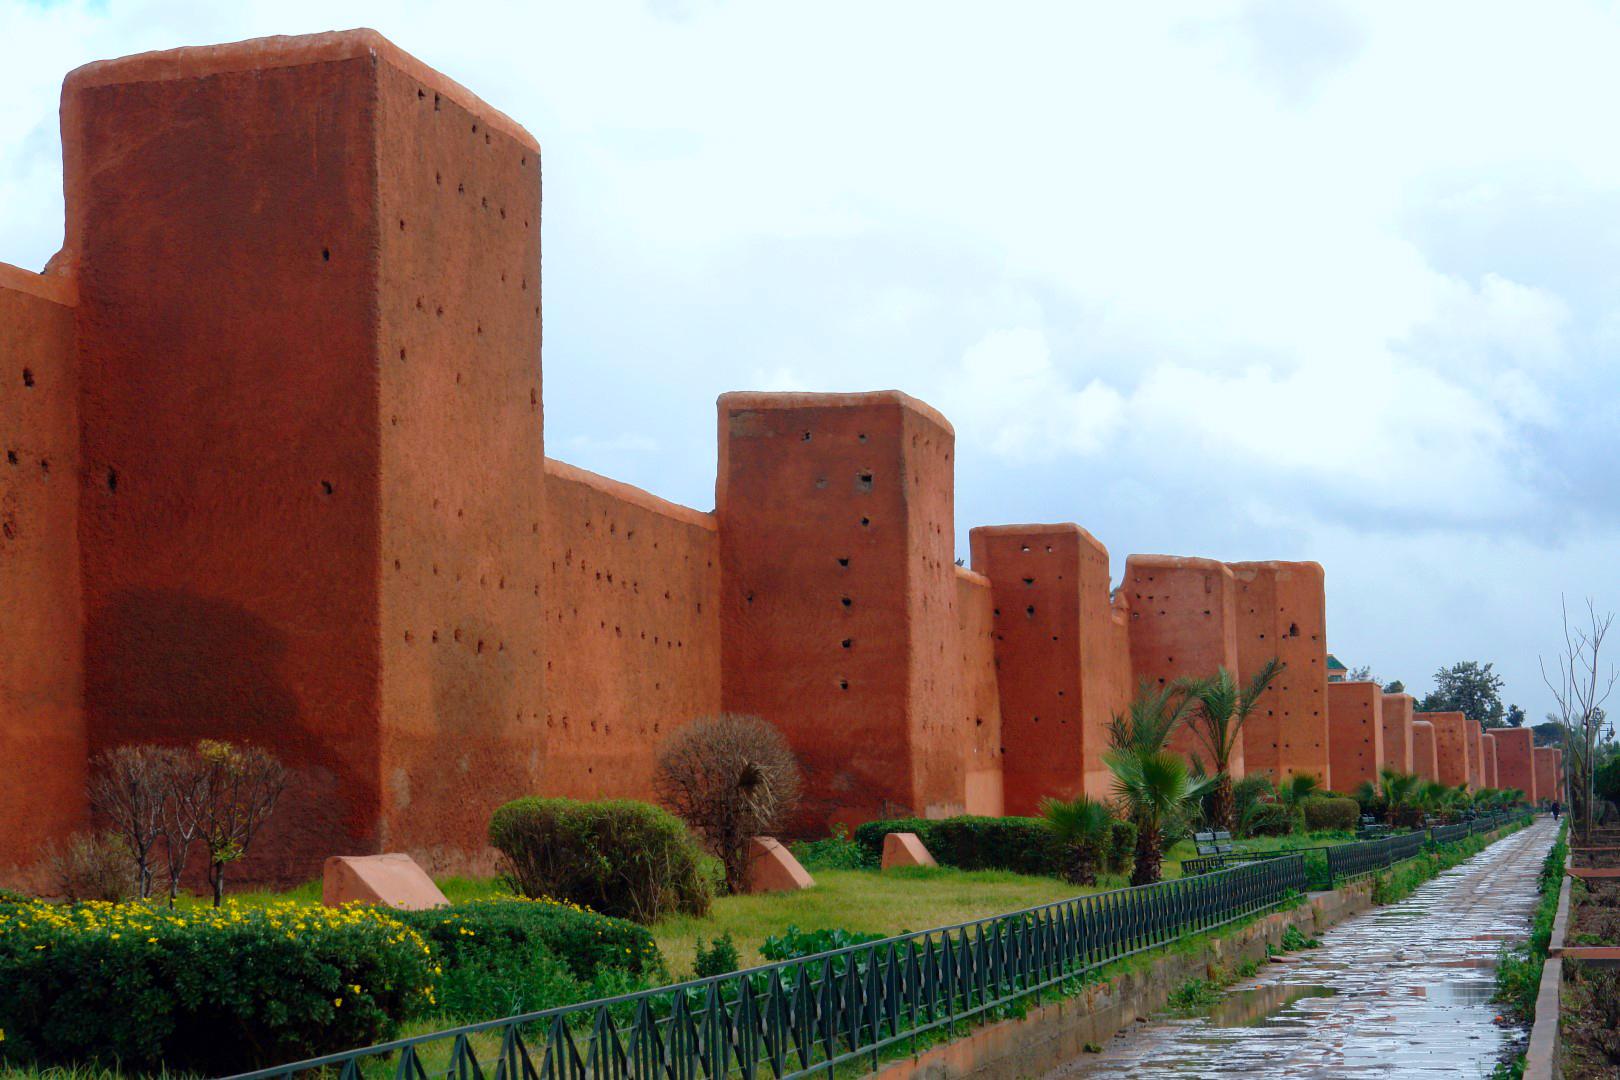 Qué ver en Marrakech, Marruecos - Morocco qué ver en marrakech - 30999588116 d1b250ccde o - Qué ver en Marrakech, Marruecos